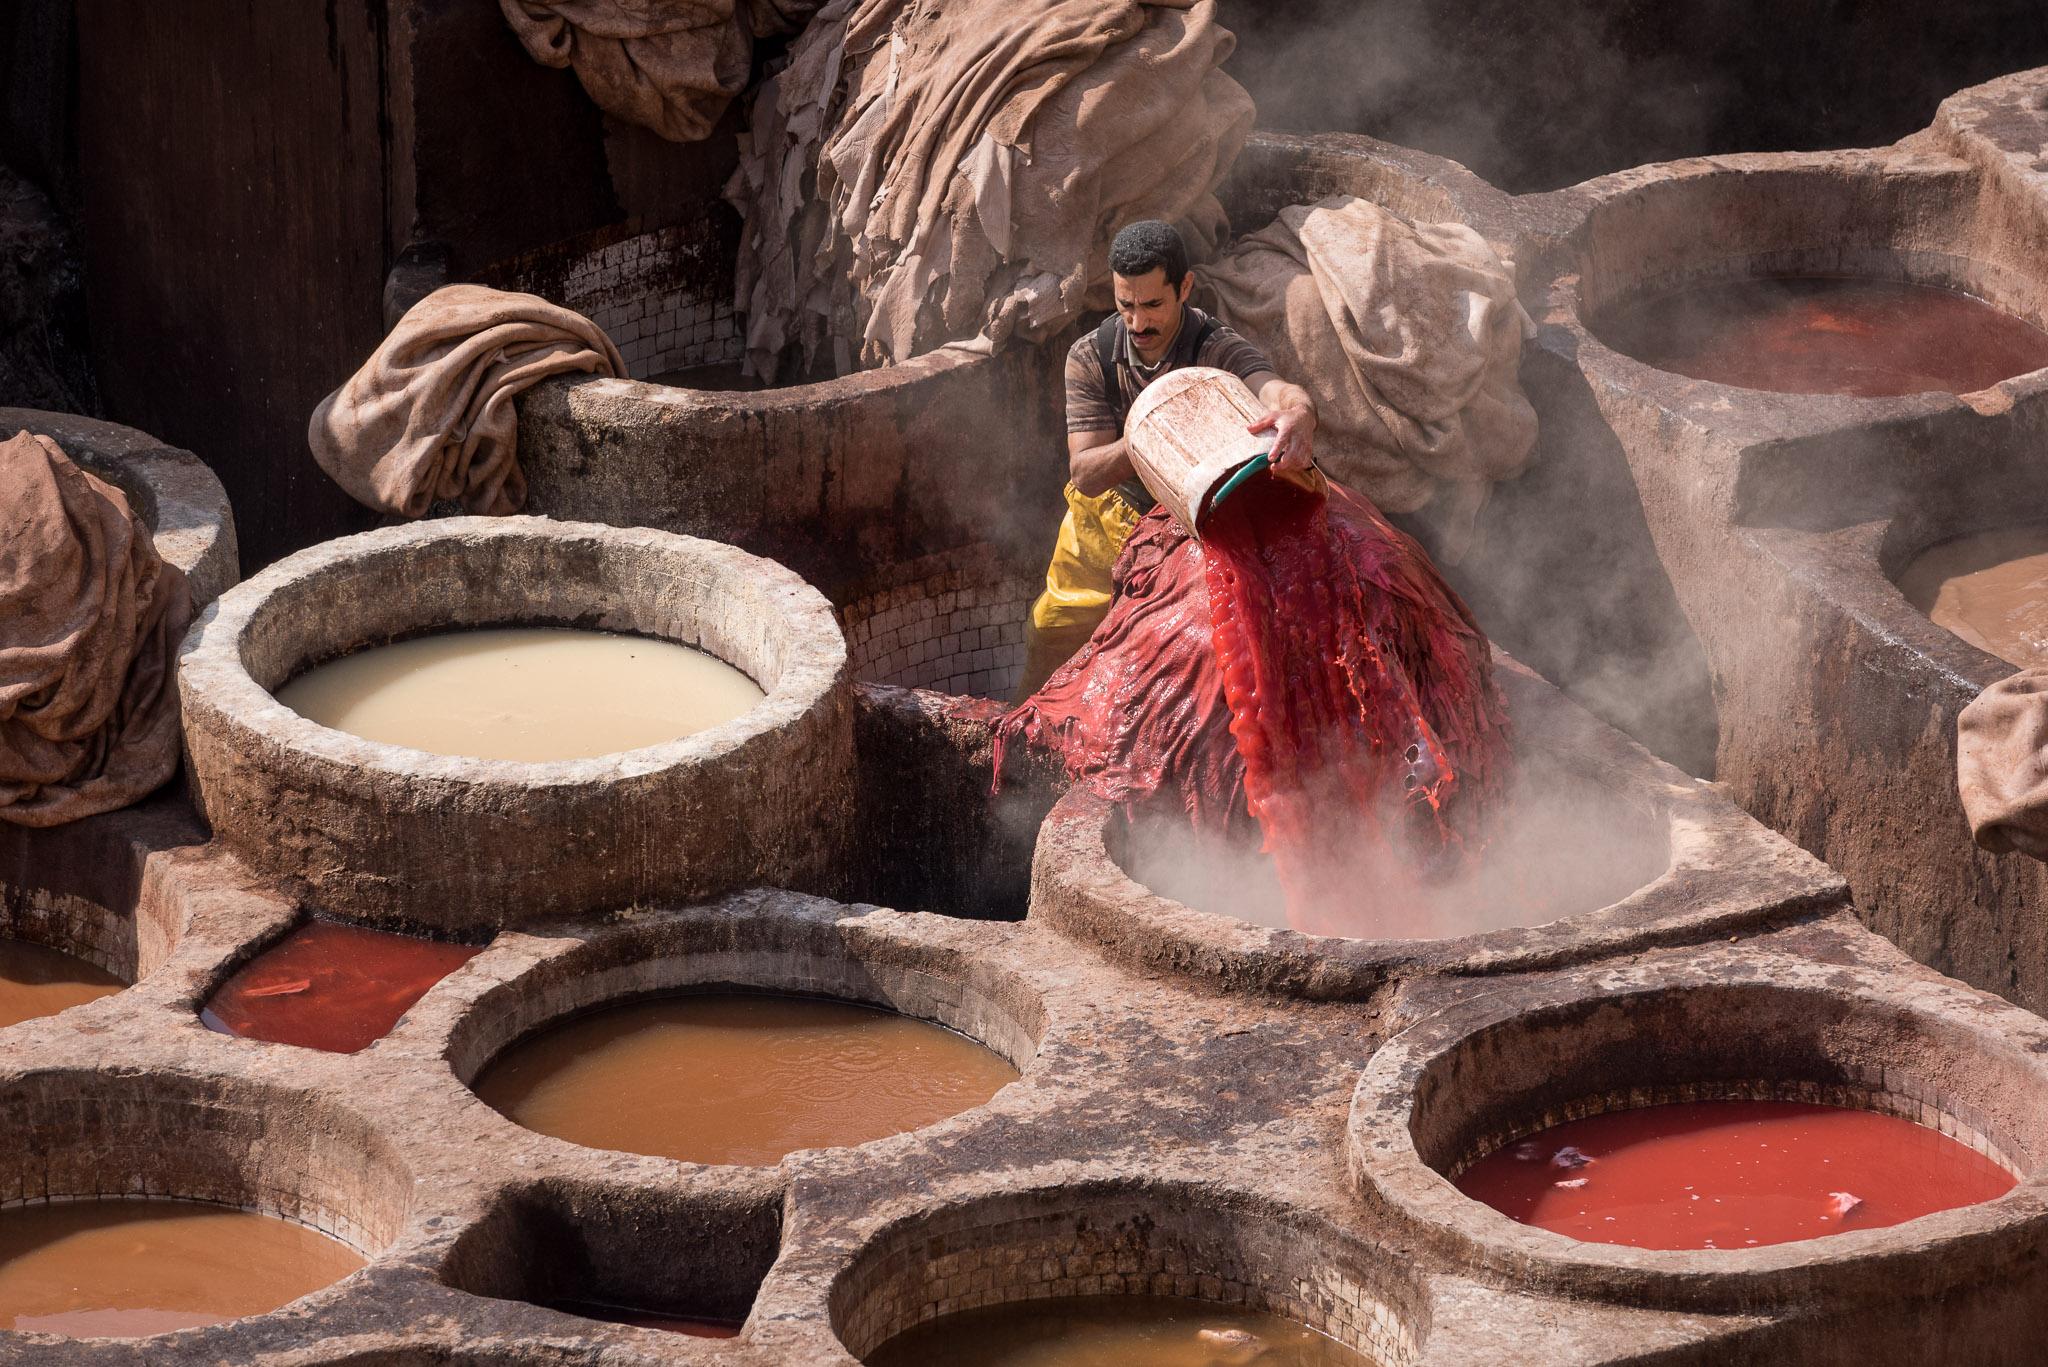 Arbeiter beim Farbe anrühren im Gerberviertel von Fes